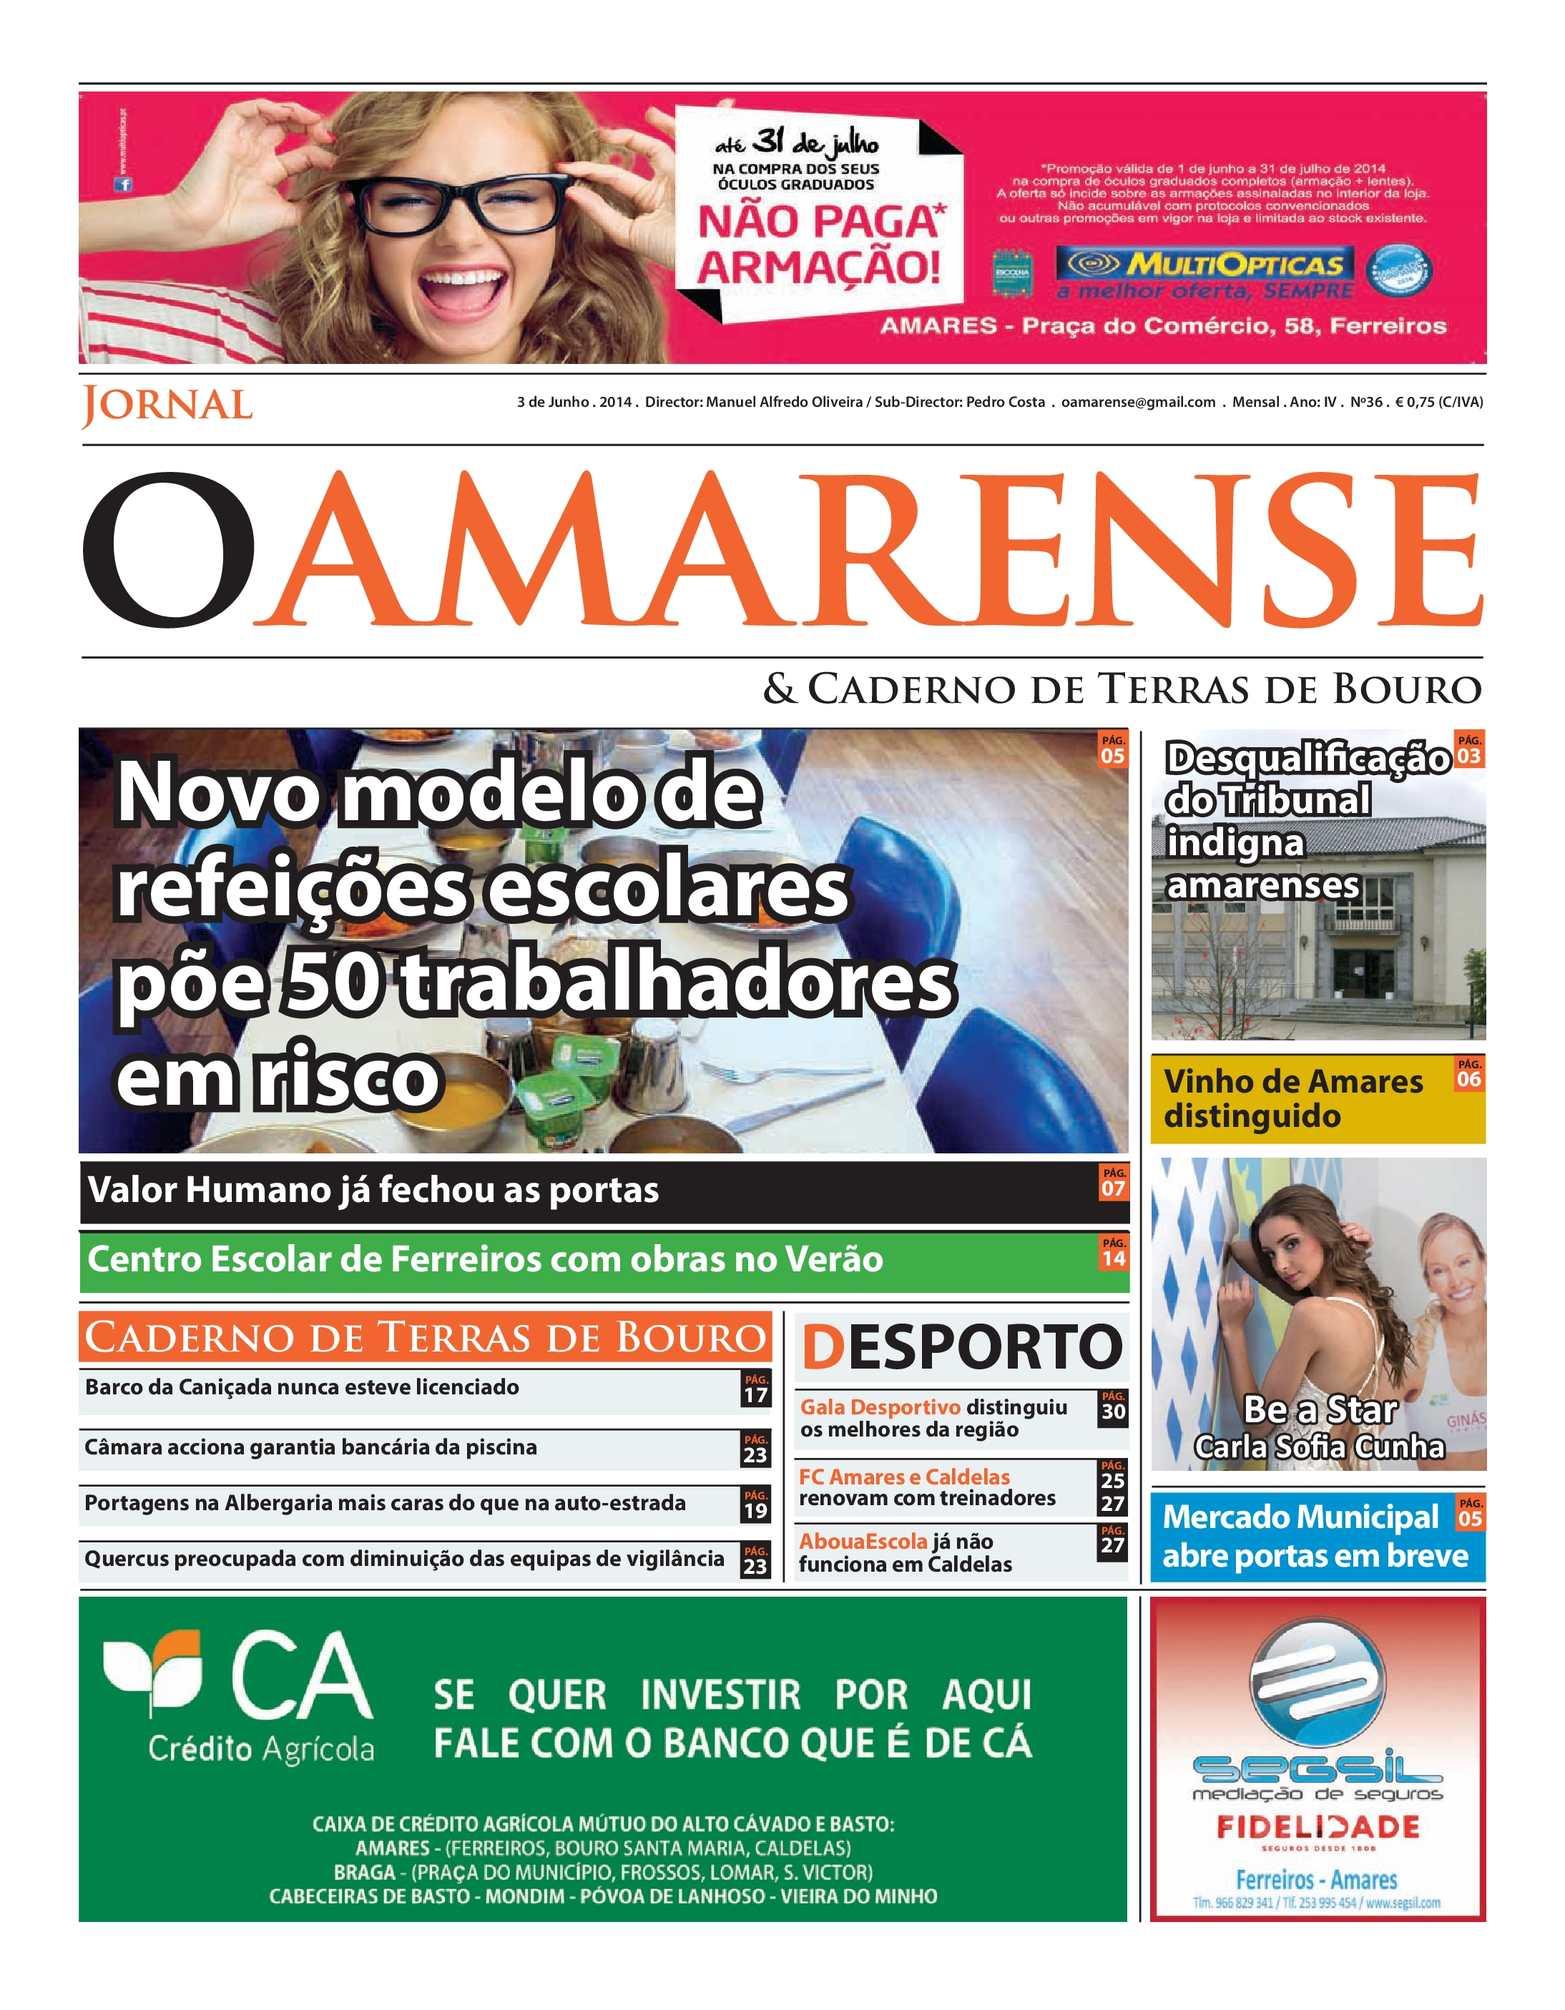 Calaméo - O Amarense JUNHO 2014 Web 555114ea3643